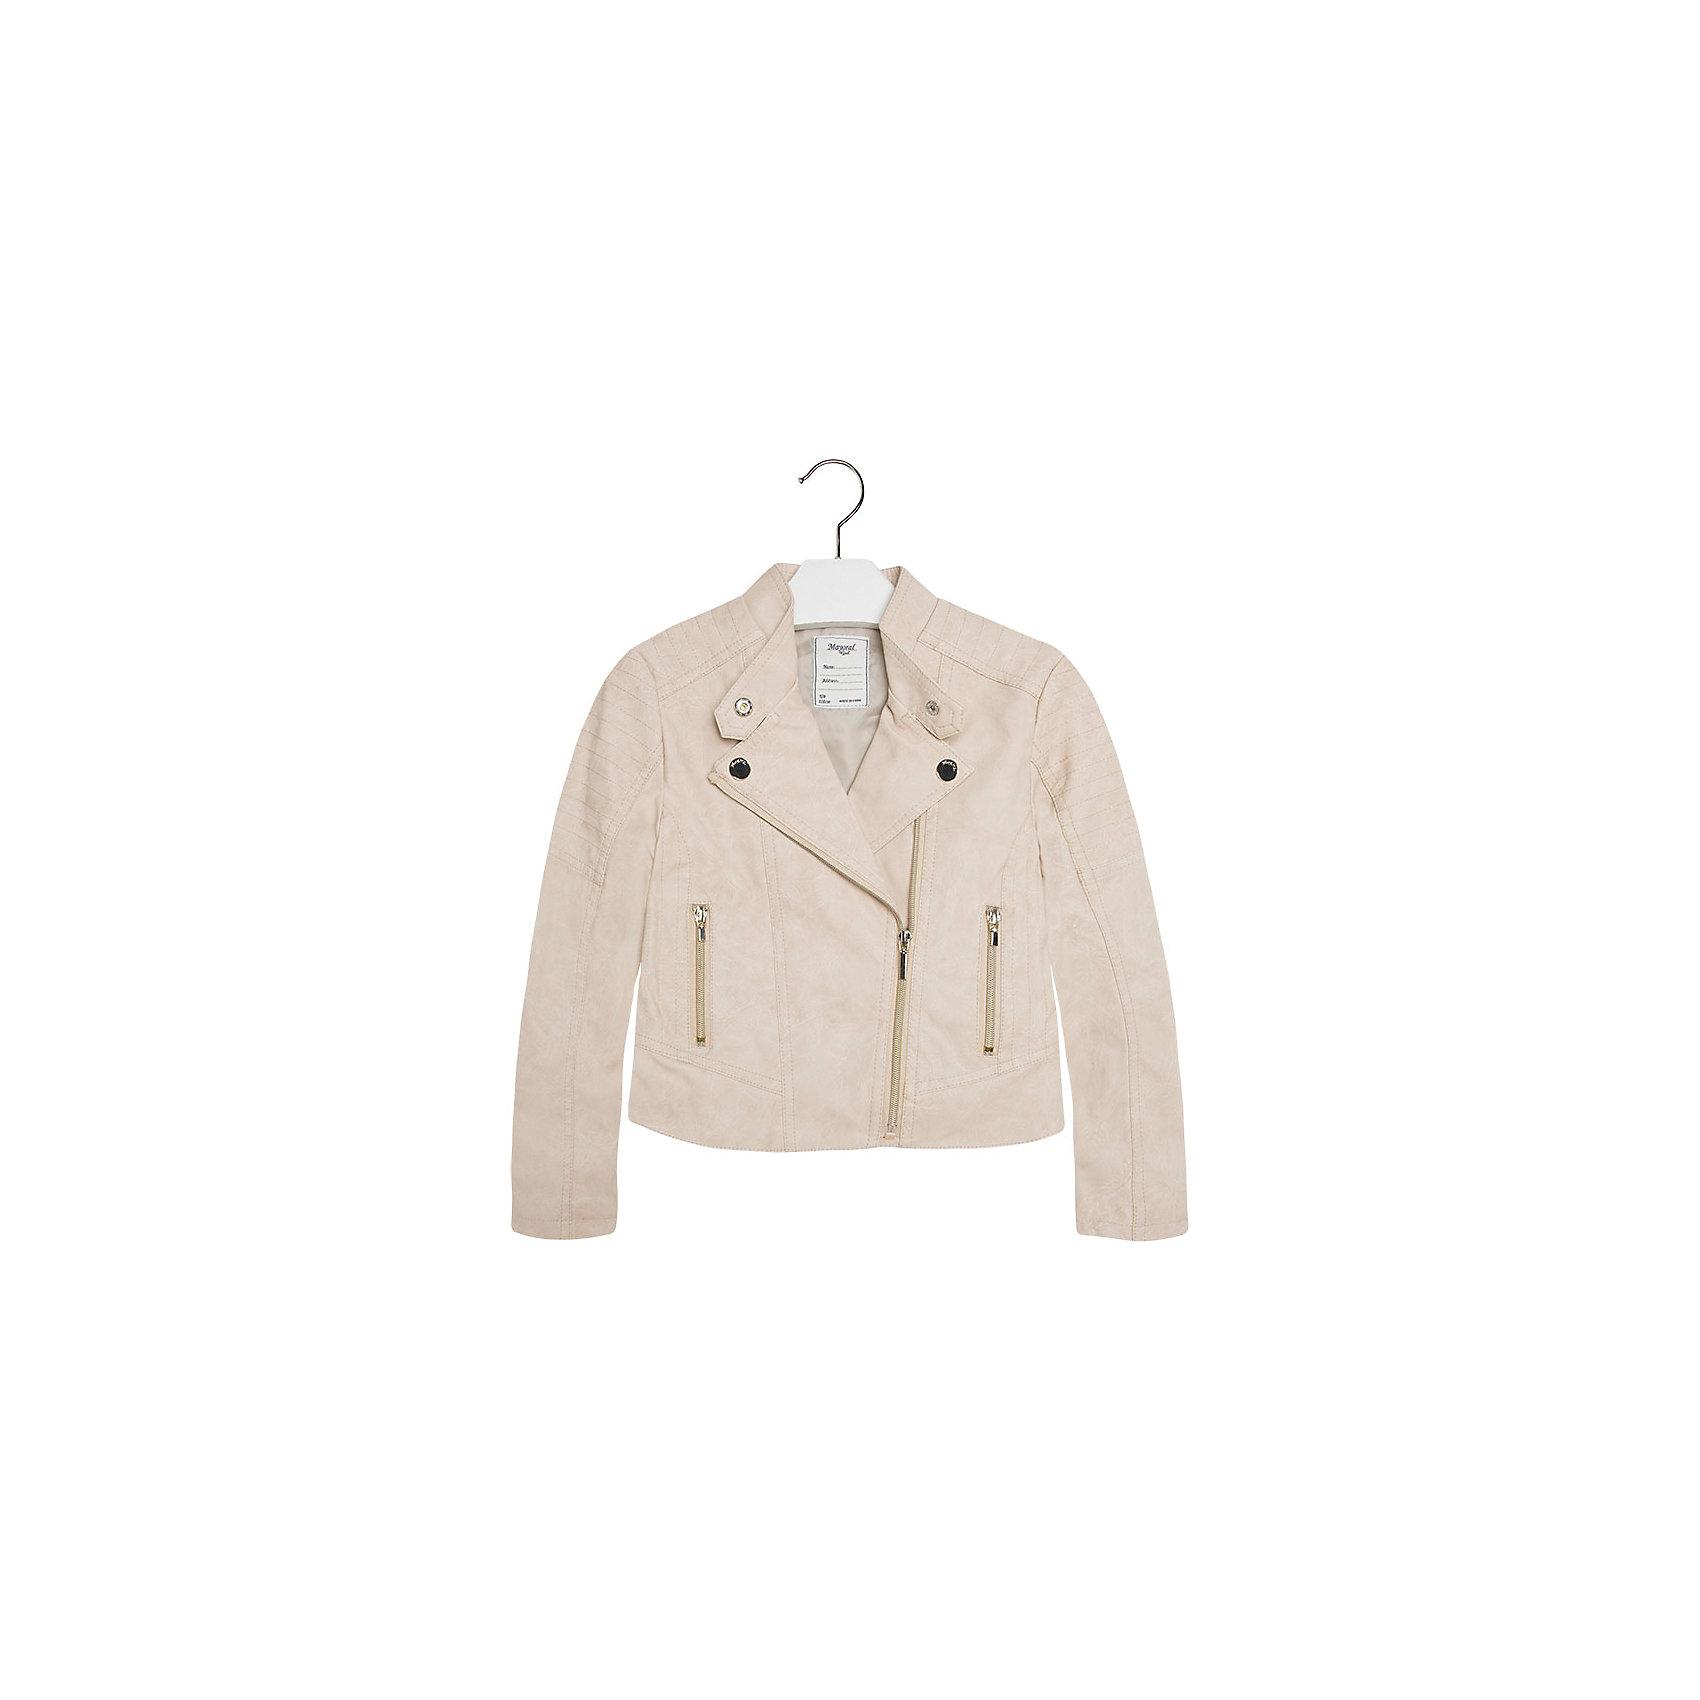 Куртка для девочки MayoralВерхняя одежда<br>Куртка для девочки от известной испанской марки Mayoral добавит образу юной модницы оригинальность и стиль. <br><br>Дополнительная информация:<br><br>- Стильный, актуальный дизайн.<br>- Застегивается на молнию.<br>- Воротник-стойка застегивается на кнопки.<br>- 2 передних кармана на молнии.<br>- Декоративная отстрочка.<br>- Декоративные складки на спине.<br>- Состав: верх - 100% полиуретан, подкладка - 100% полиэстер. <br><br>Куртку для девочки Mayoral (Майорал) можно купить в нашем магазине.<br><br>Ширина мм: 356<br>Глубина мм: 10<br>Высота мм: 245<br>Вес г: 519<br>Цвет: серый<br>Возраст от месяцев: 84<br>Возраст до месяцев: 96<br>Пол: Женский<br>Возраст: Детский<br>Размер: 128,140,152,158,170,164<br>SKU: 4538524